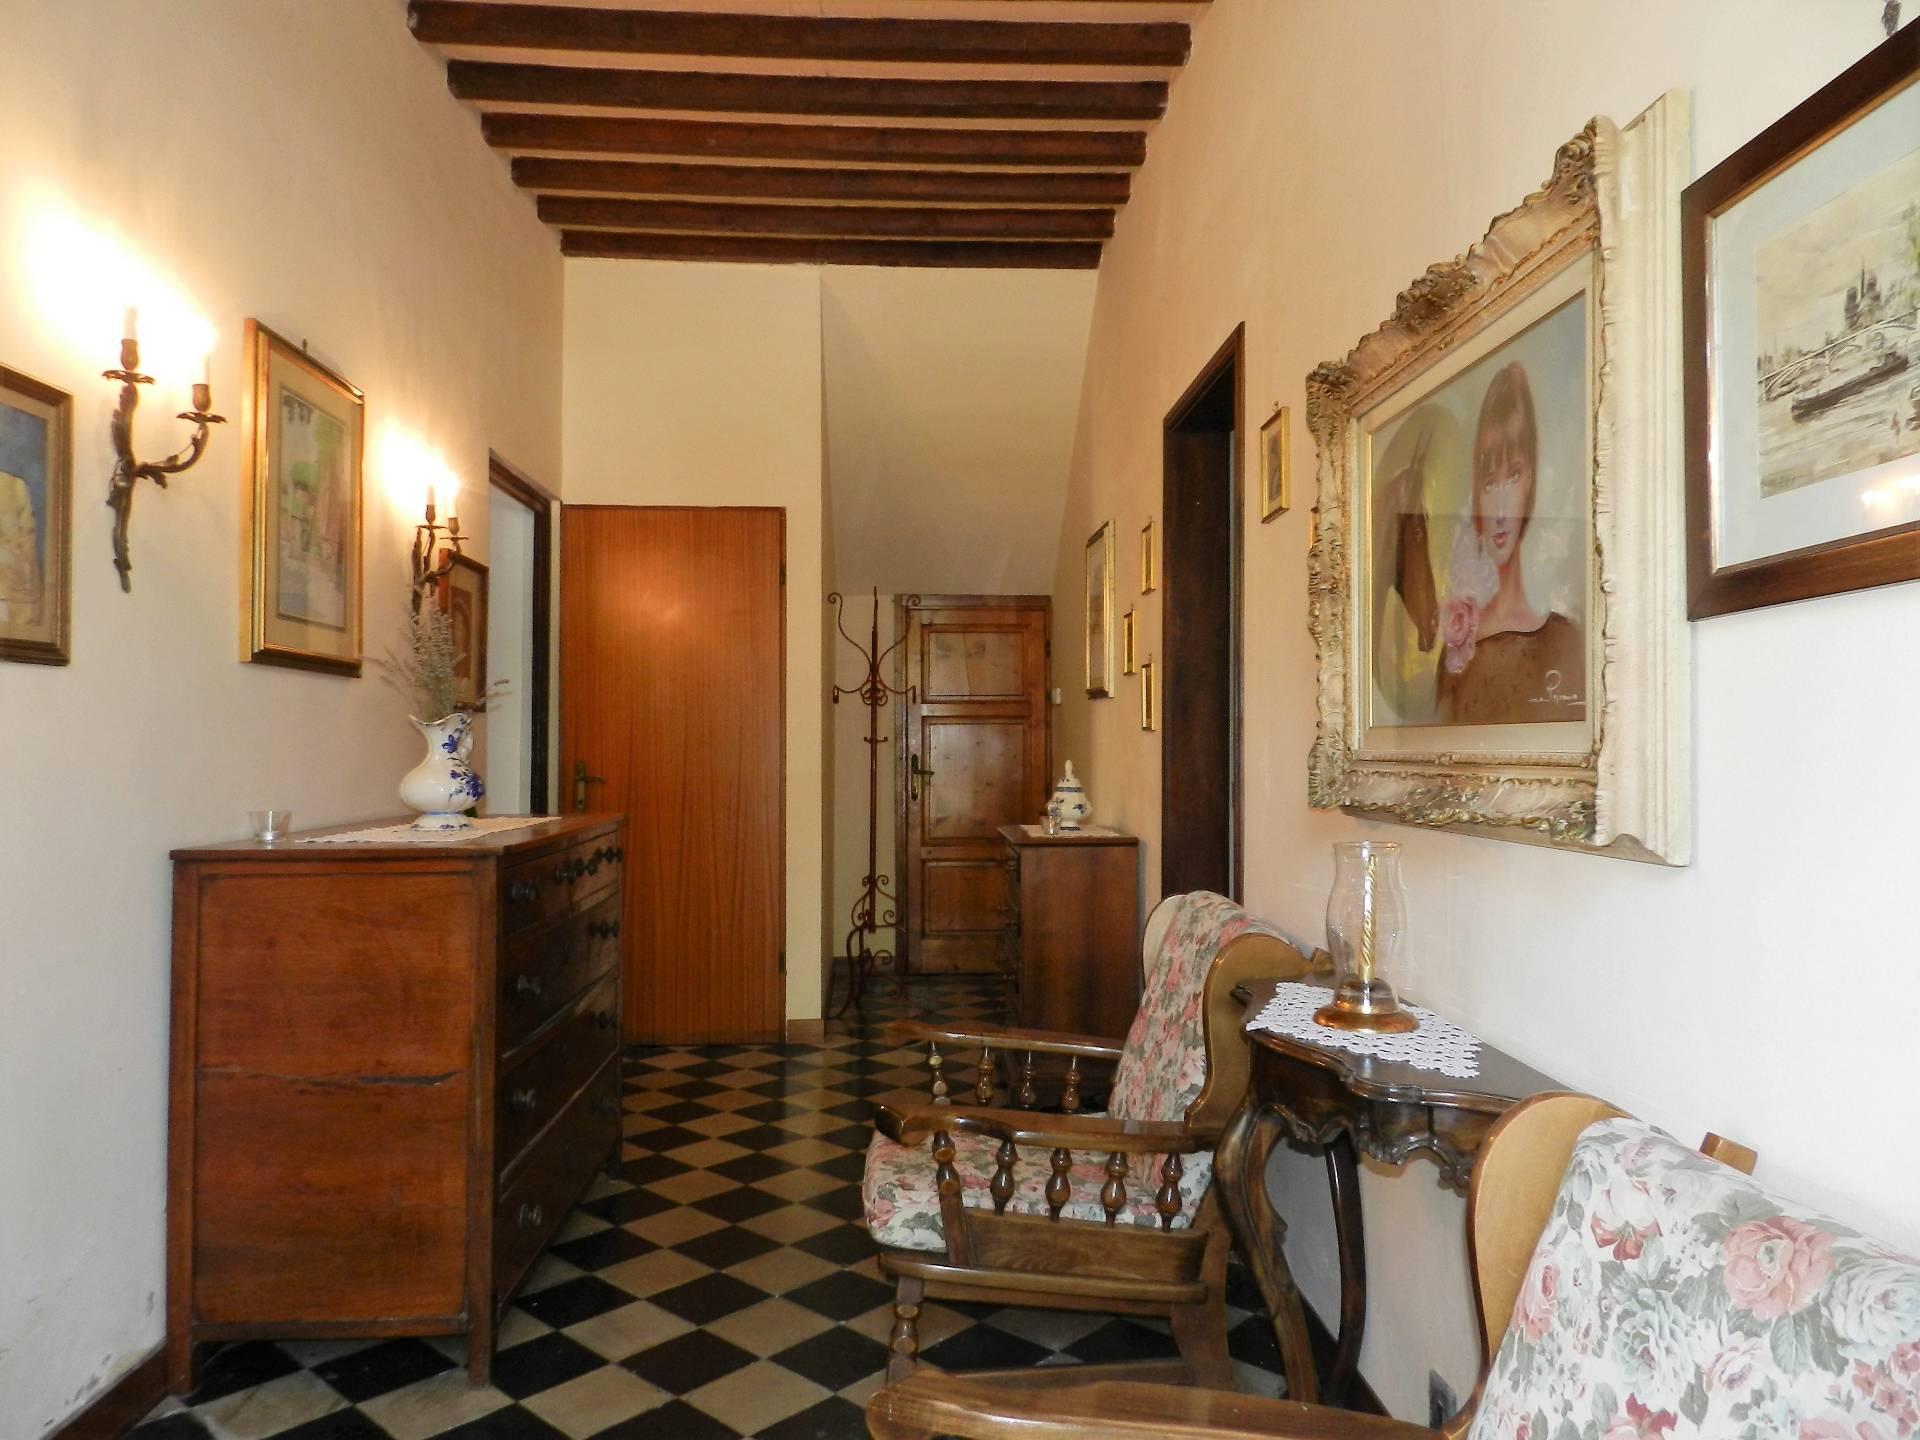 Soluzione Indipendente in vendita a Lucca, 10 locali, zona Zona: Gattaiola, prezzo € 220.000 | Cambio Casa.it